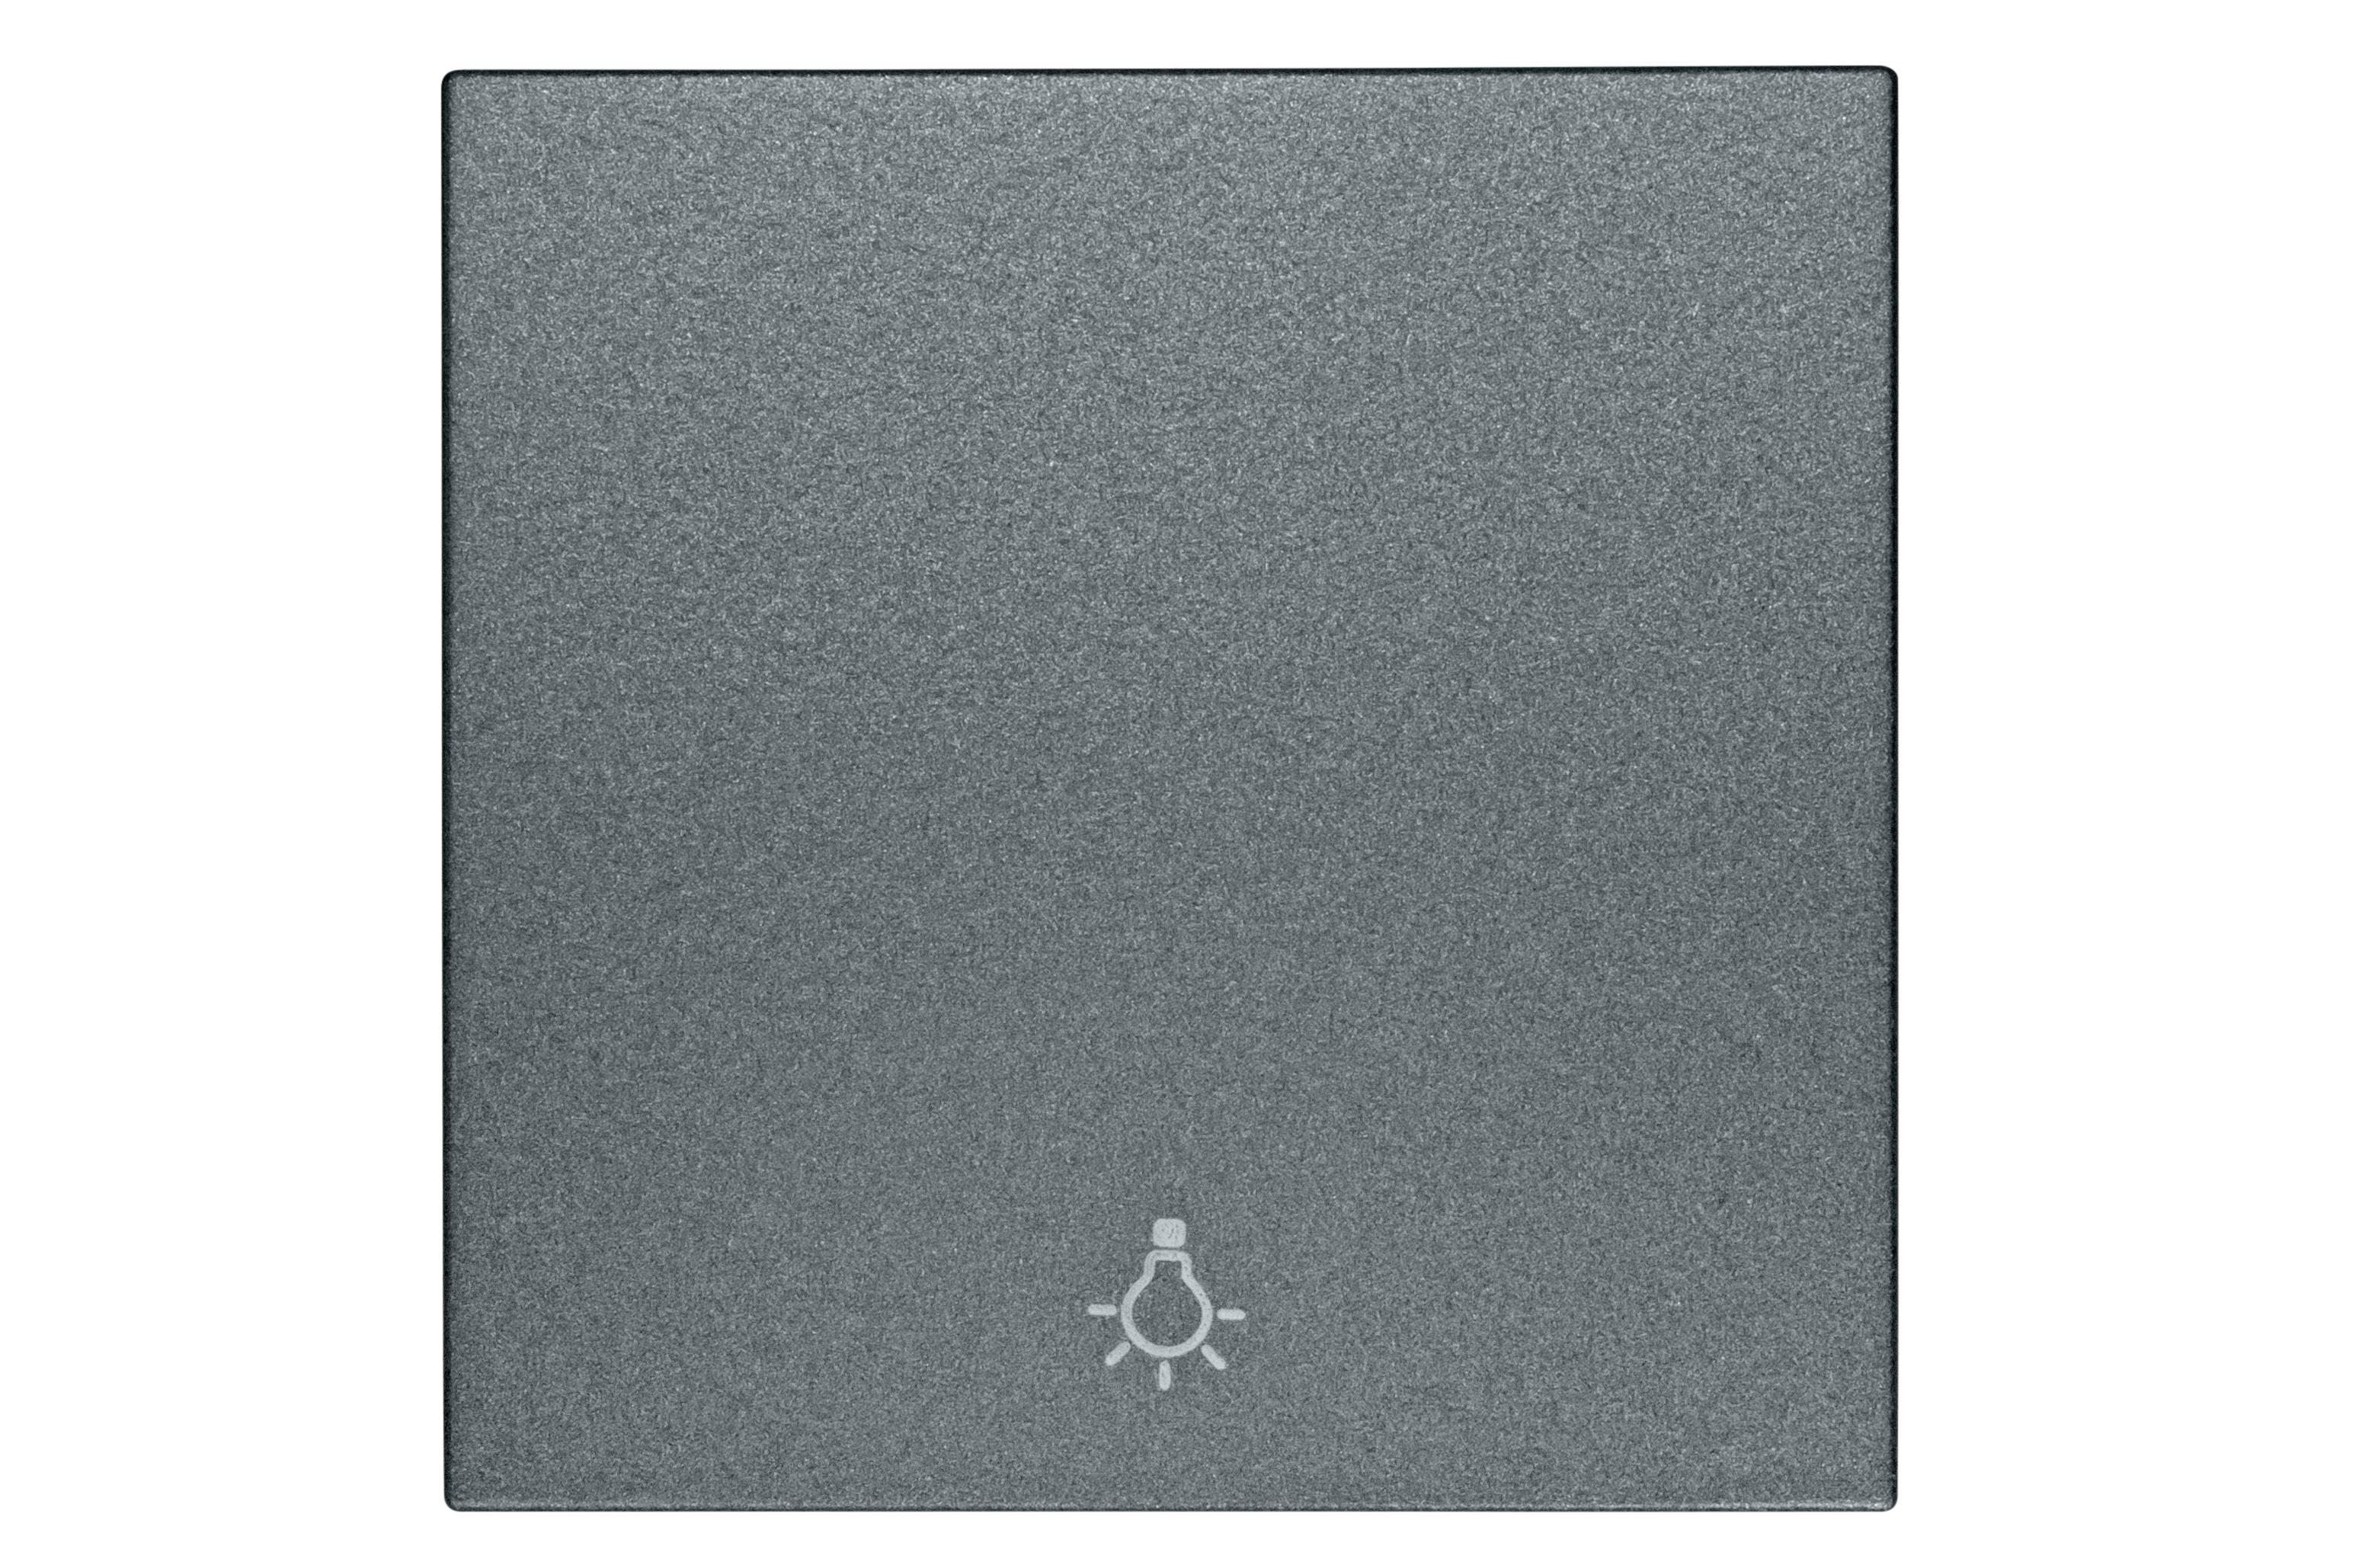 1 Stk Wippe mit Symbol Licht, anthrazit EV112005--